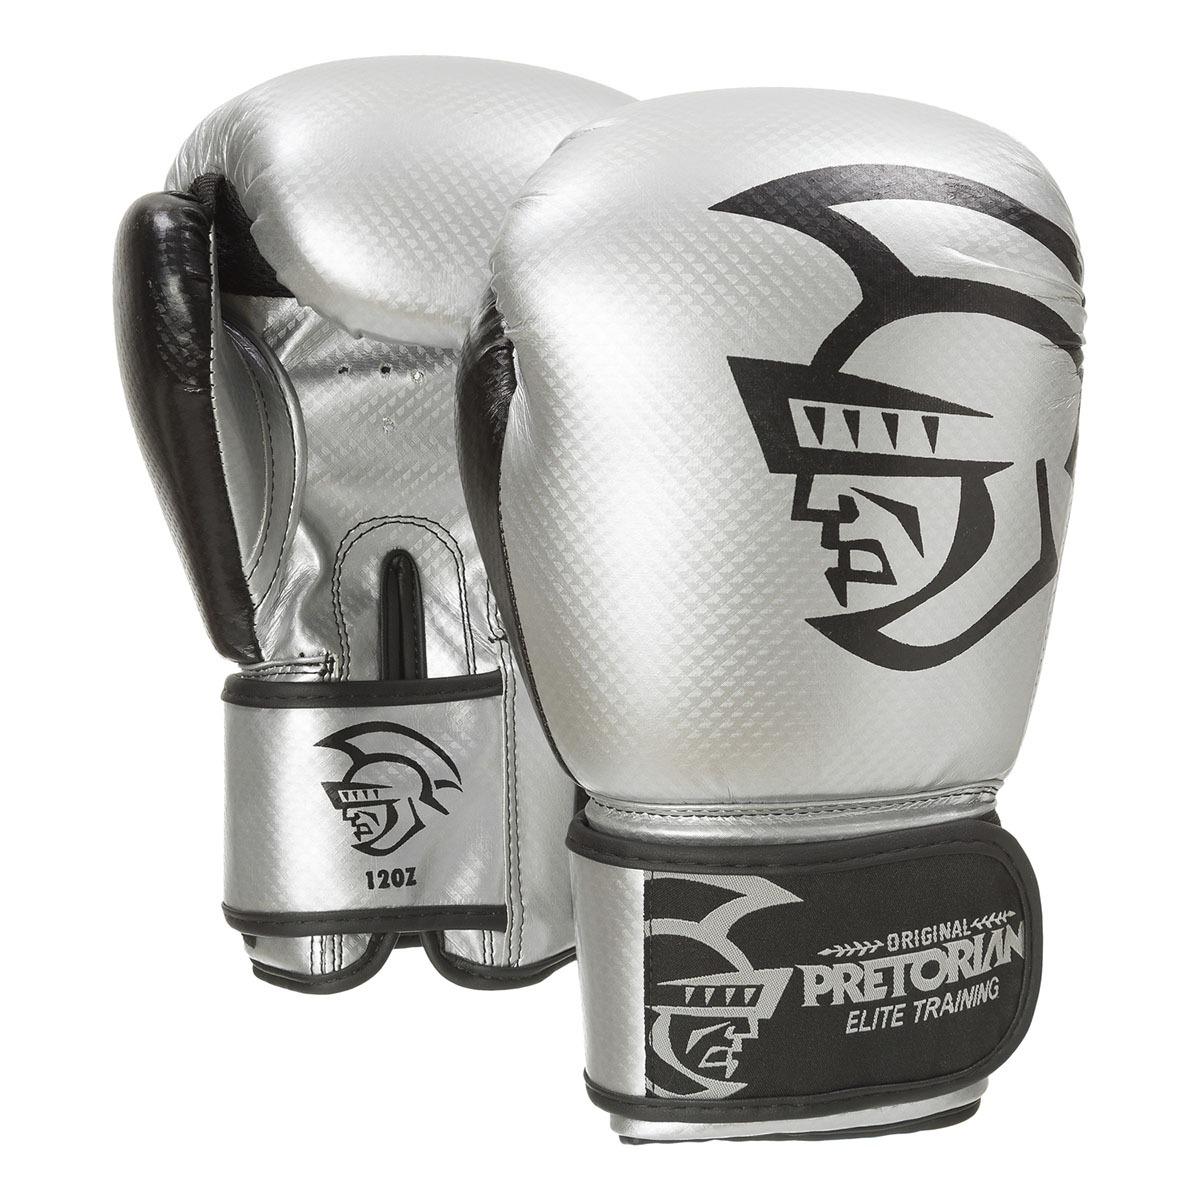 luva de boxe muay thai pretorian elite training 16oz silver. Carregando  zoom. 224d6a1b8572b